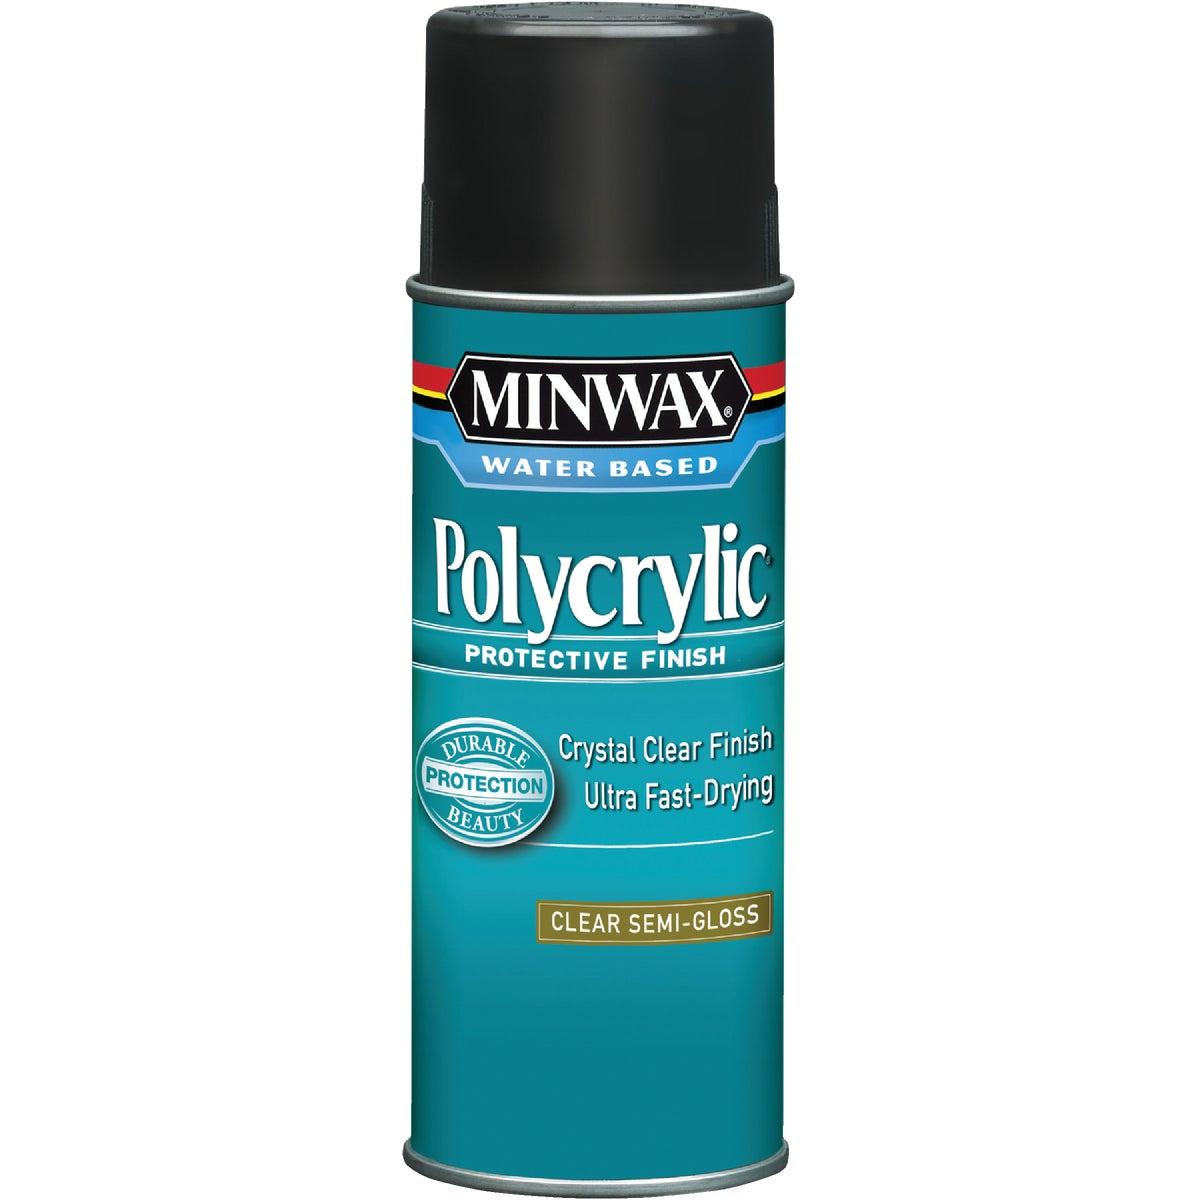 W/B S/G SPRAY POLYCRYLIC - 34444 by Minwax Company